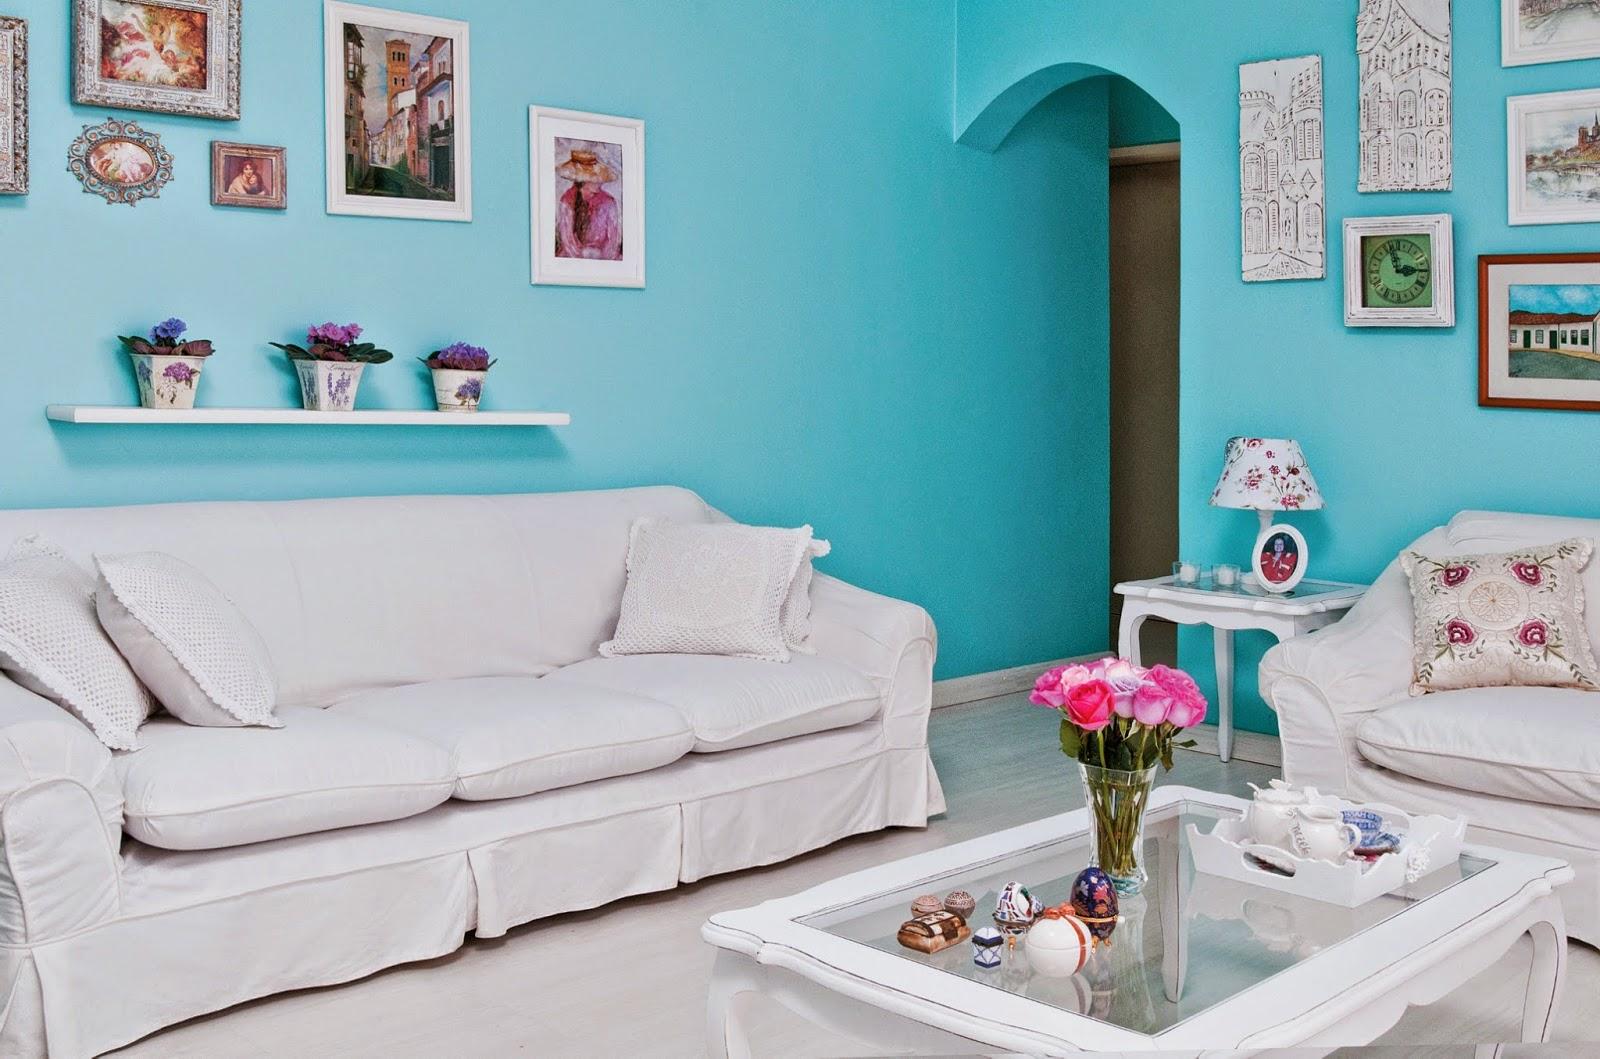 Sala de estar ideias de vários estilos para decorar  ~ Quarto Pintado De Azul Turquesa